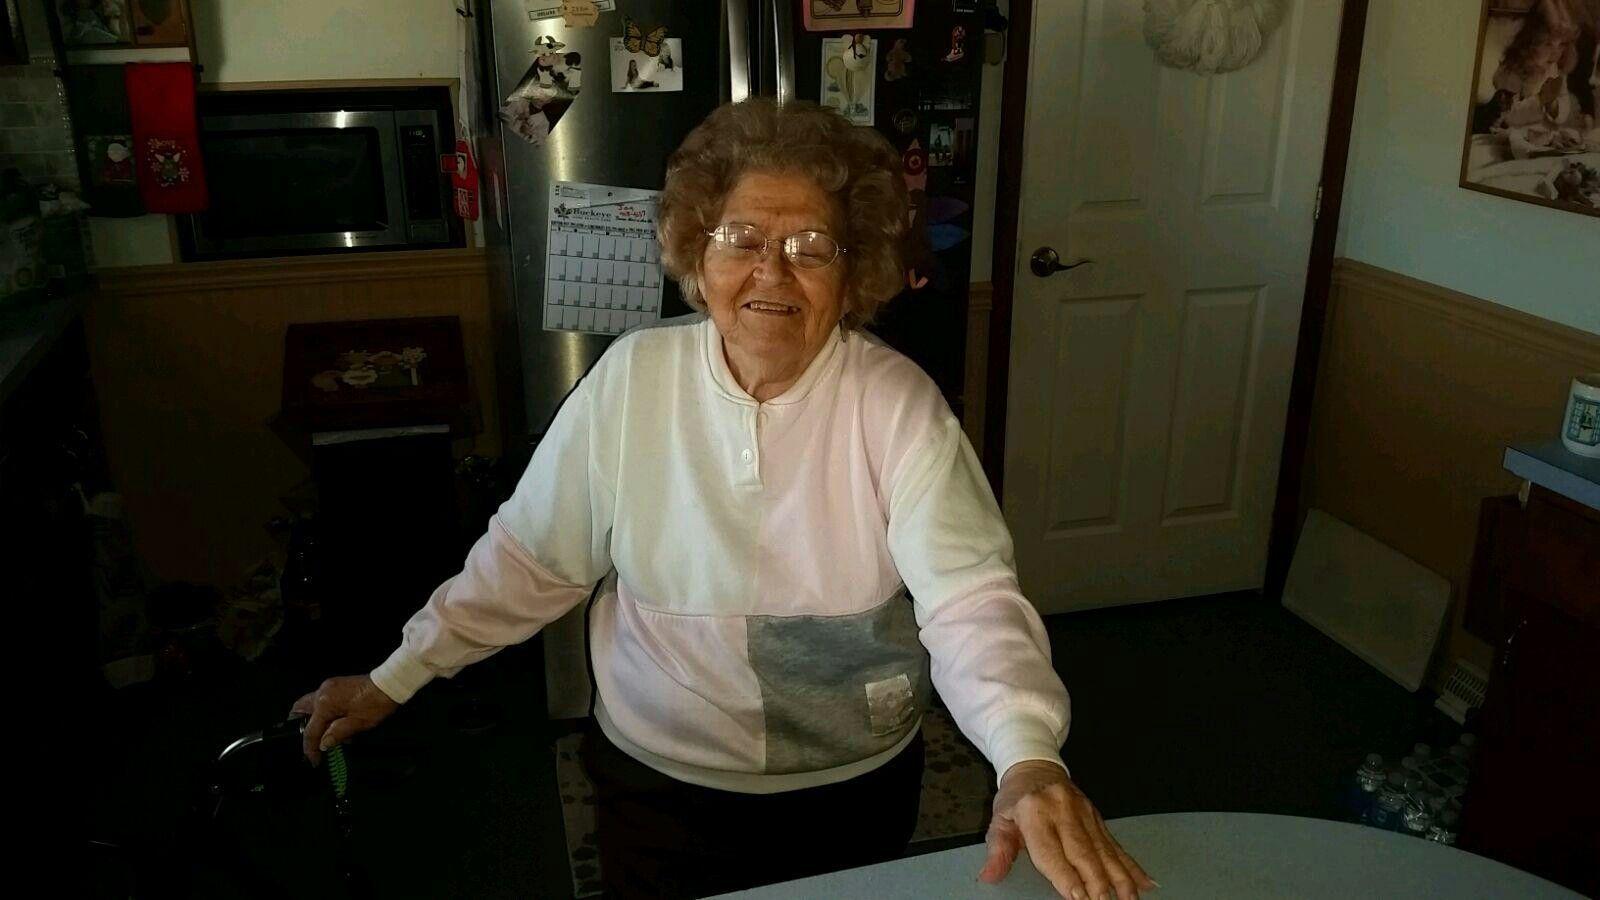 Aunt Marion/Granny